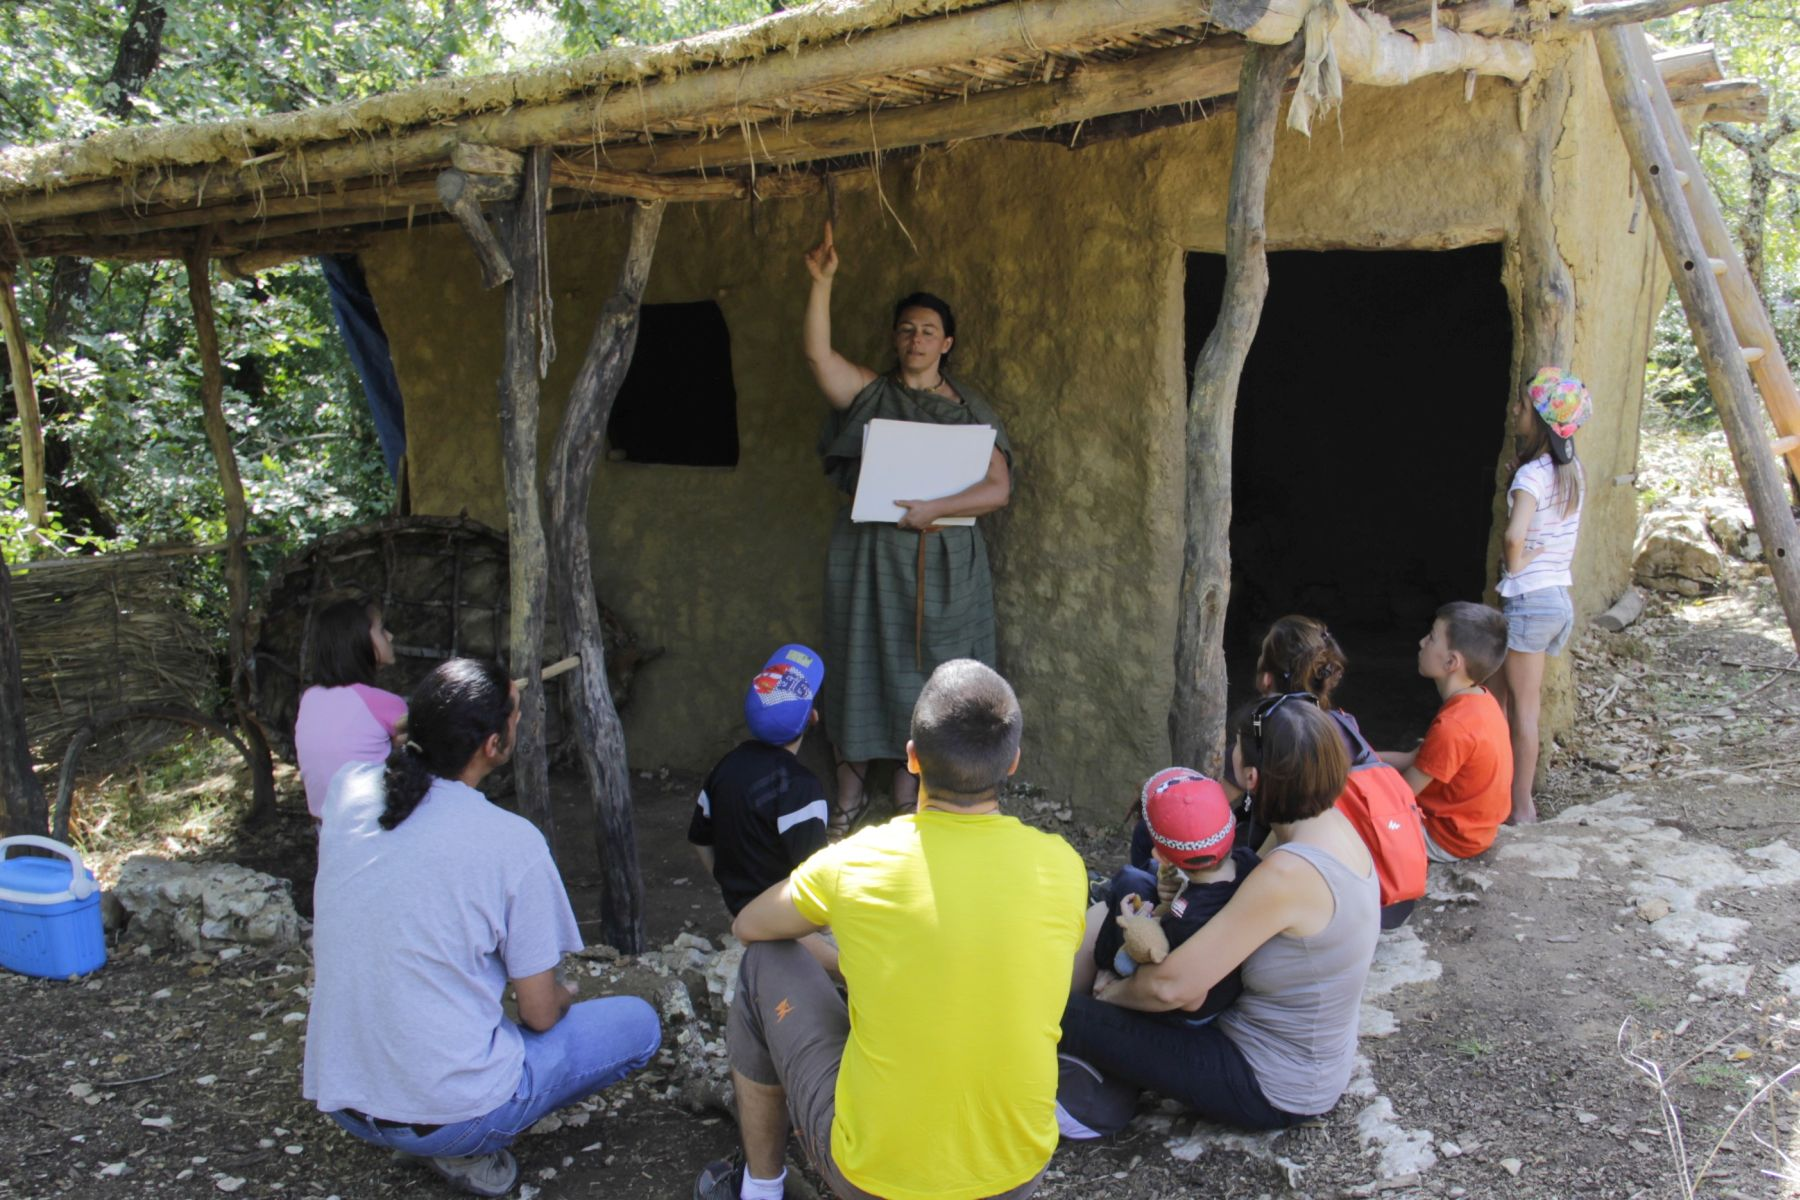 Randa Ardesca Archéosite d'Ardèche - Magalie en visite guidée